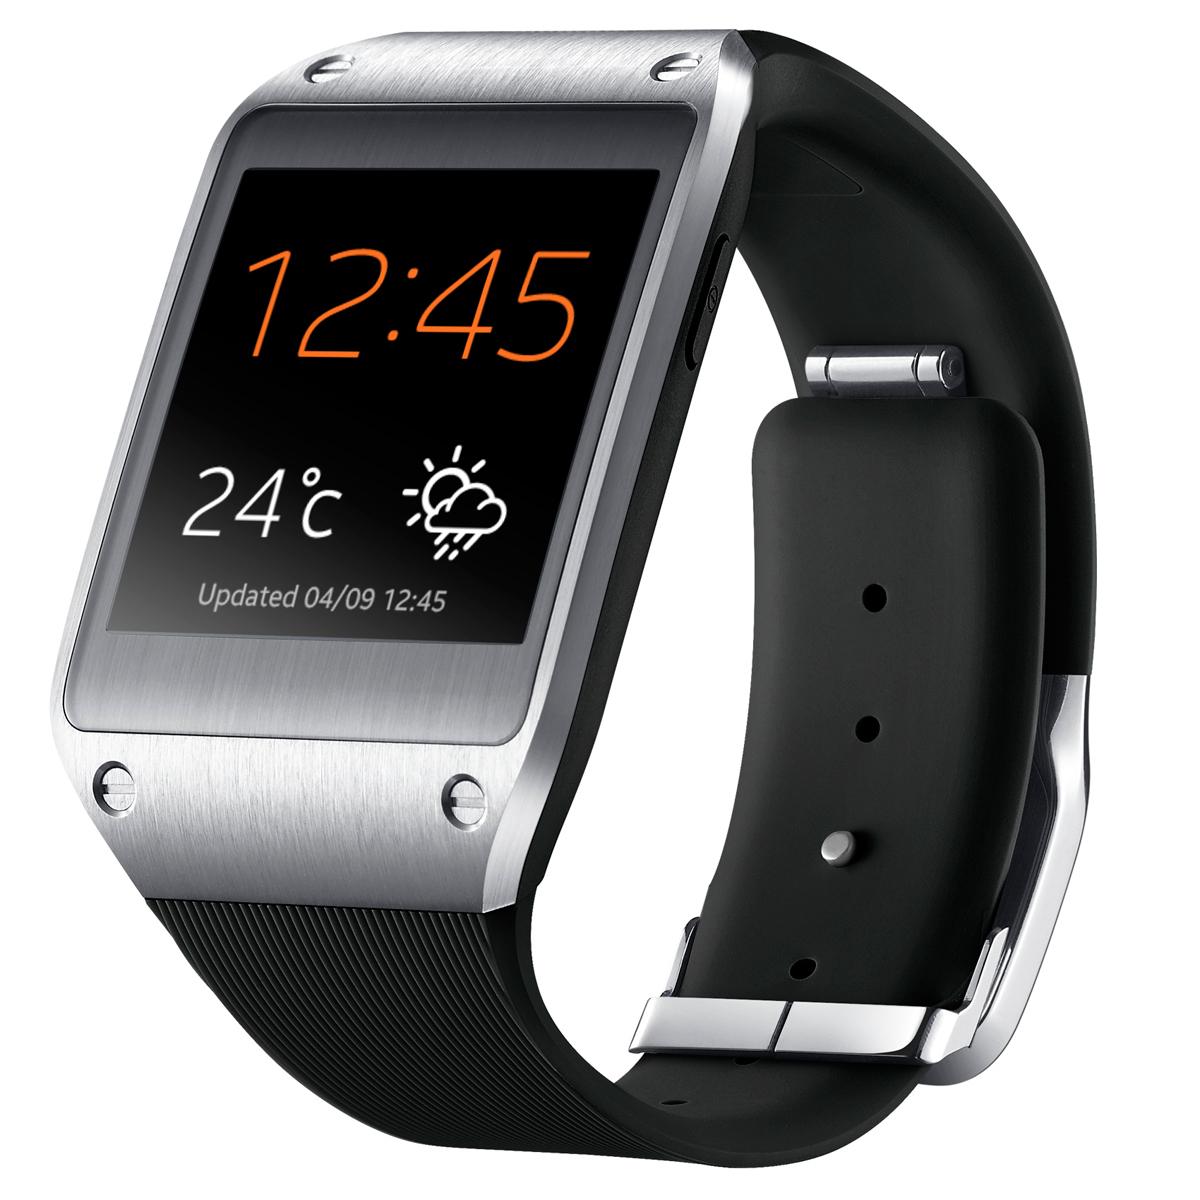 Montre Connectée Samsung Galaxy Gear (Plusieurs coloris) - (Avec ODR 100€ et 50€ sur la cagnotte)